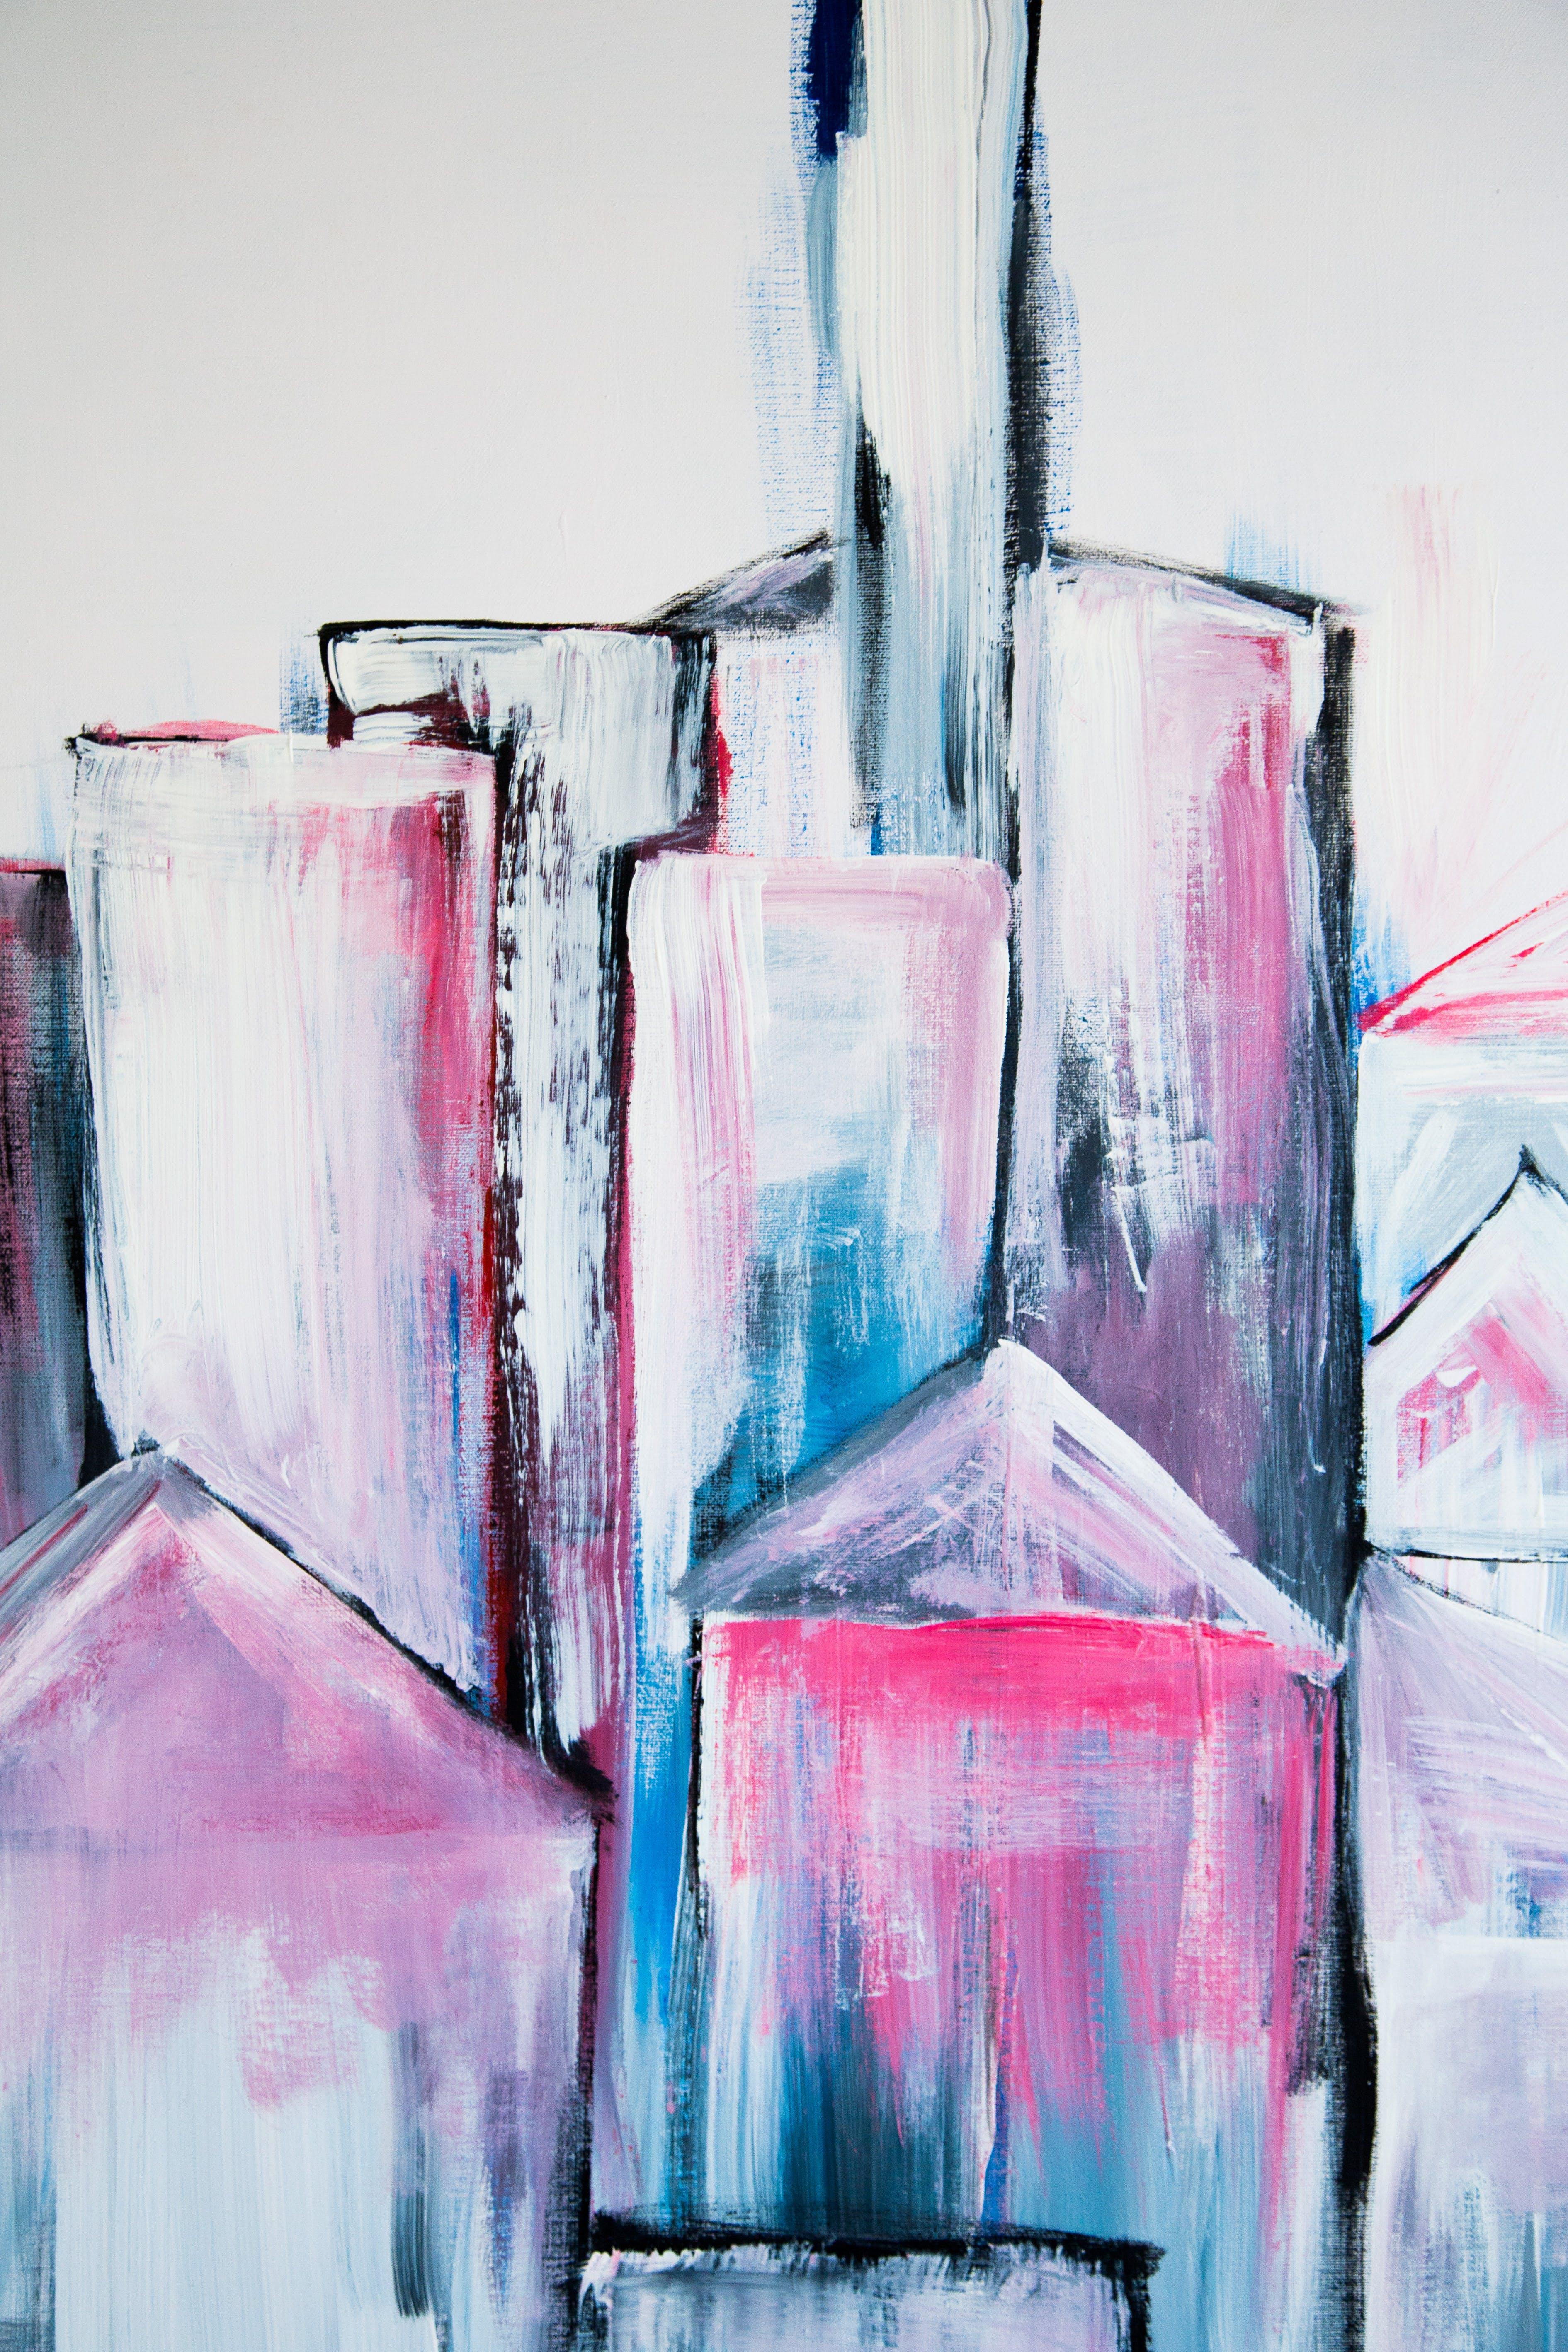 Kostenloses Stock Foto zu apartments, Öl, gebäude, hüben